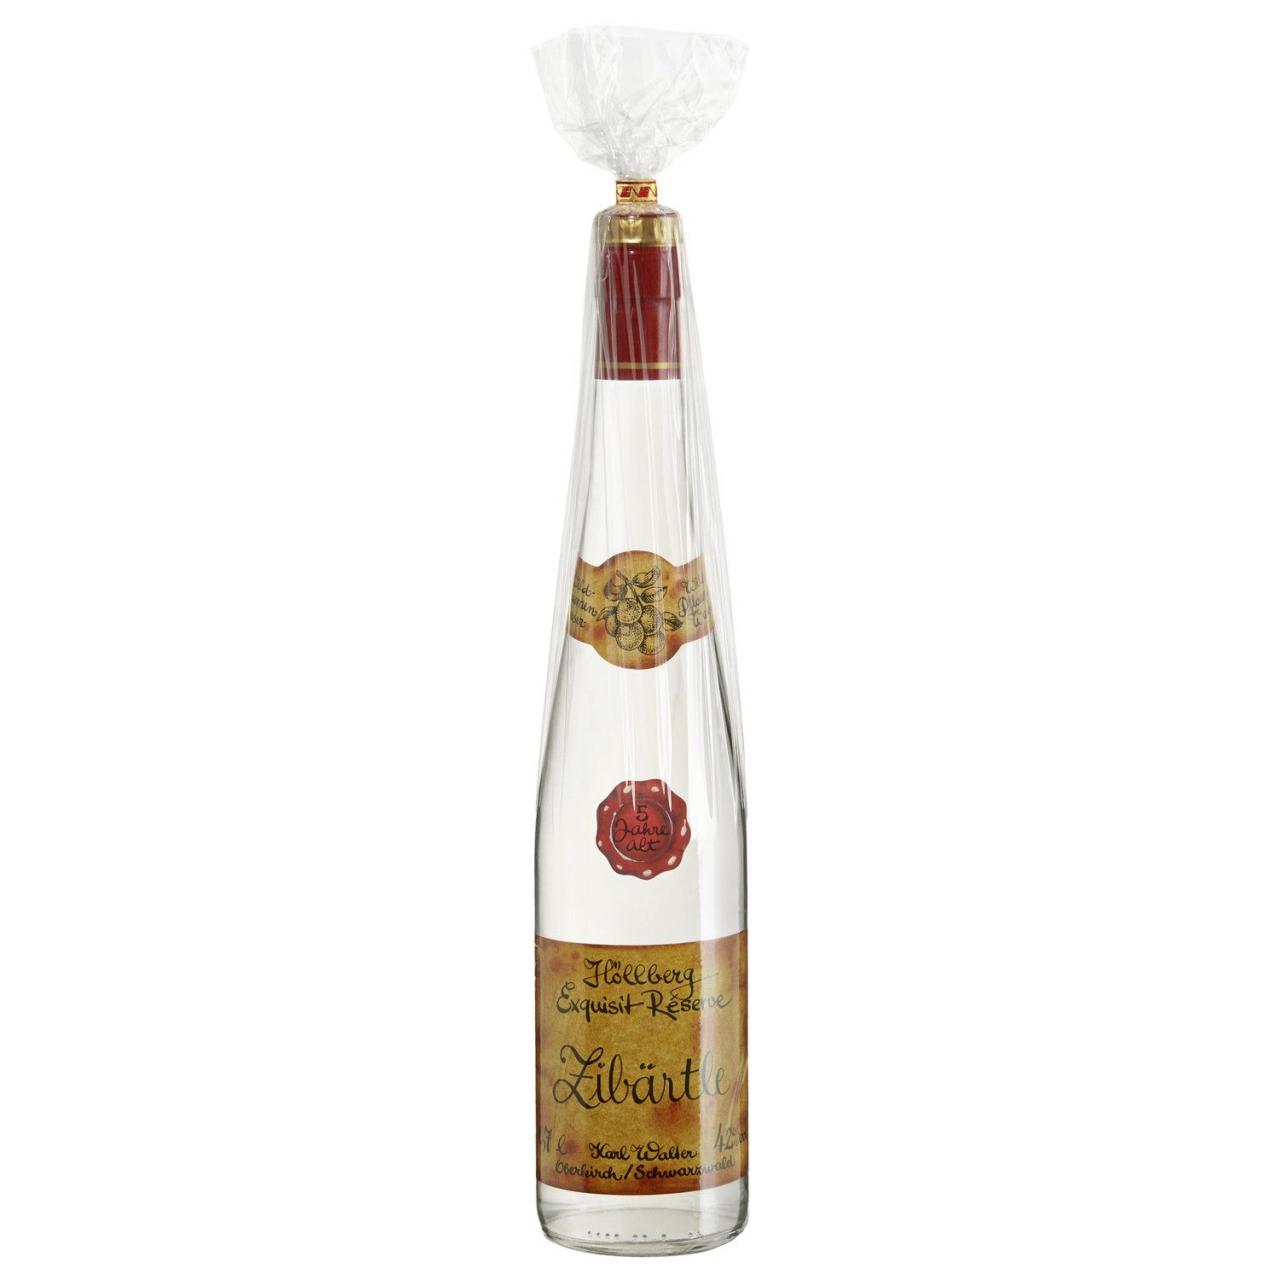 0,7 Liter Flasche Höllberg Zibärtle. Wildpflaumenschnaps